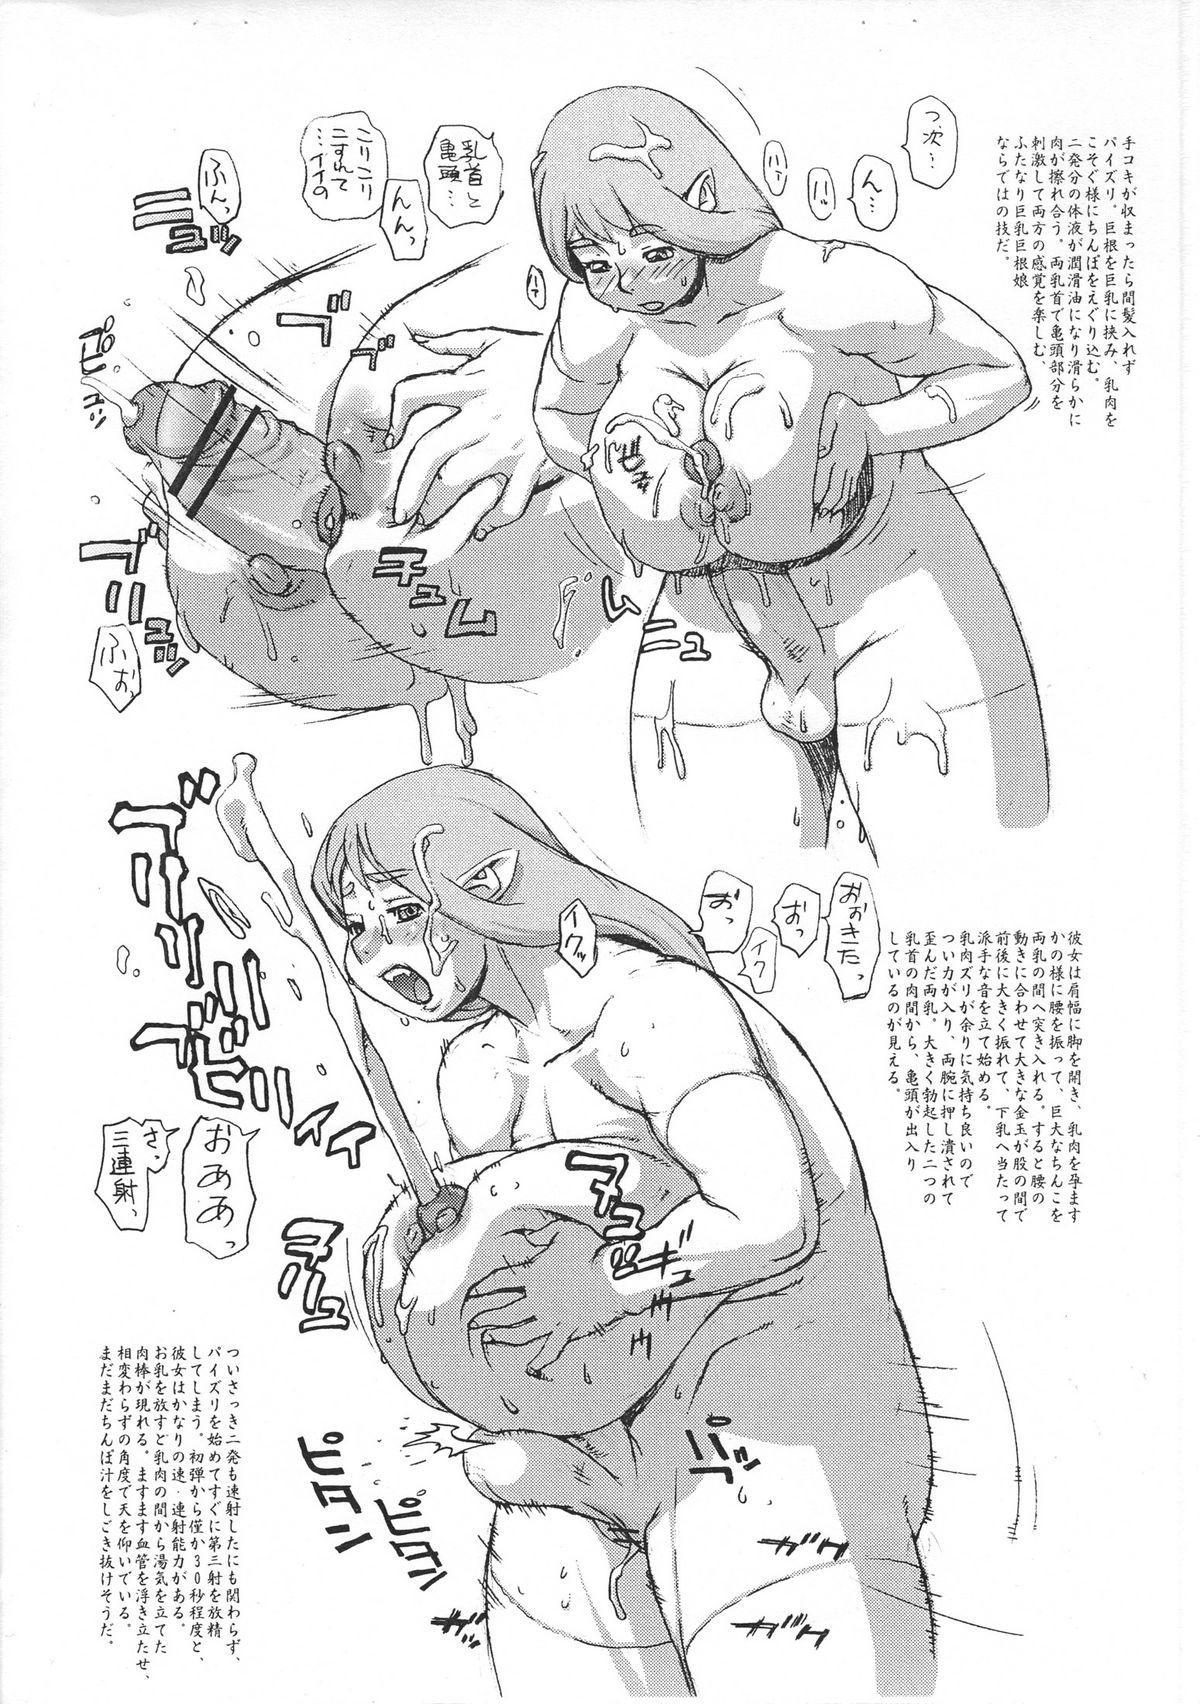 Futanarikko Genkai Mousha! Housei Daikanshoukai 4